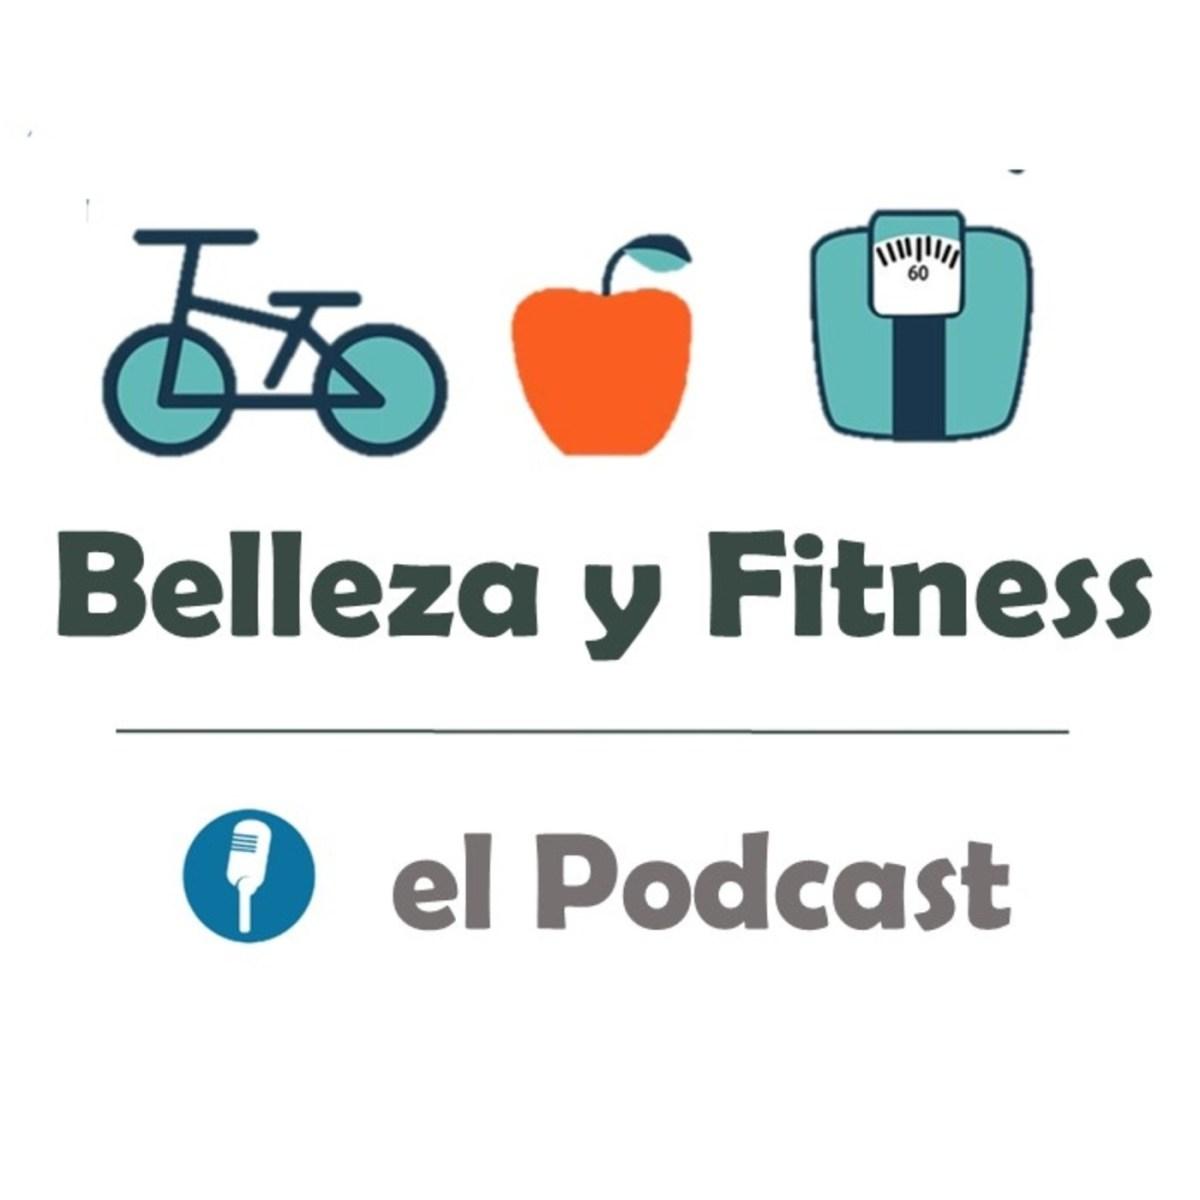 Belleza y Fitness